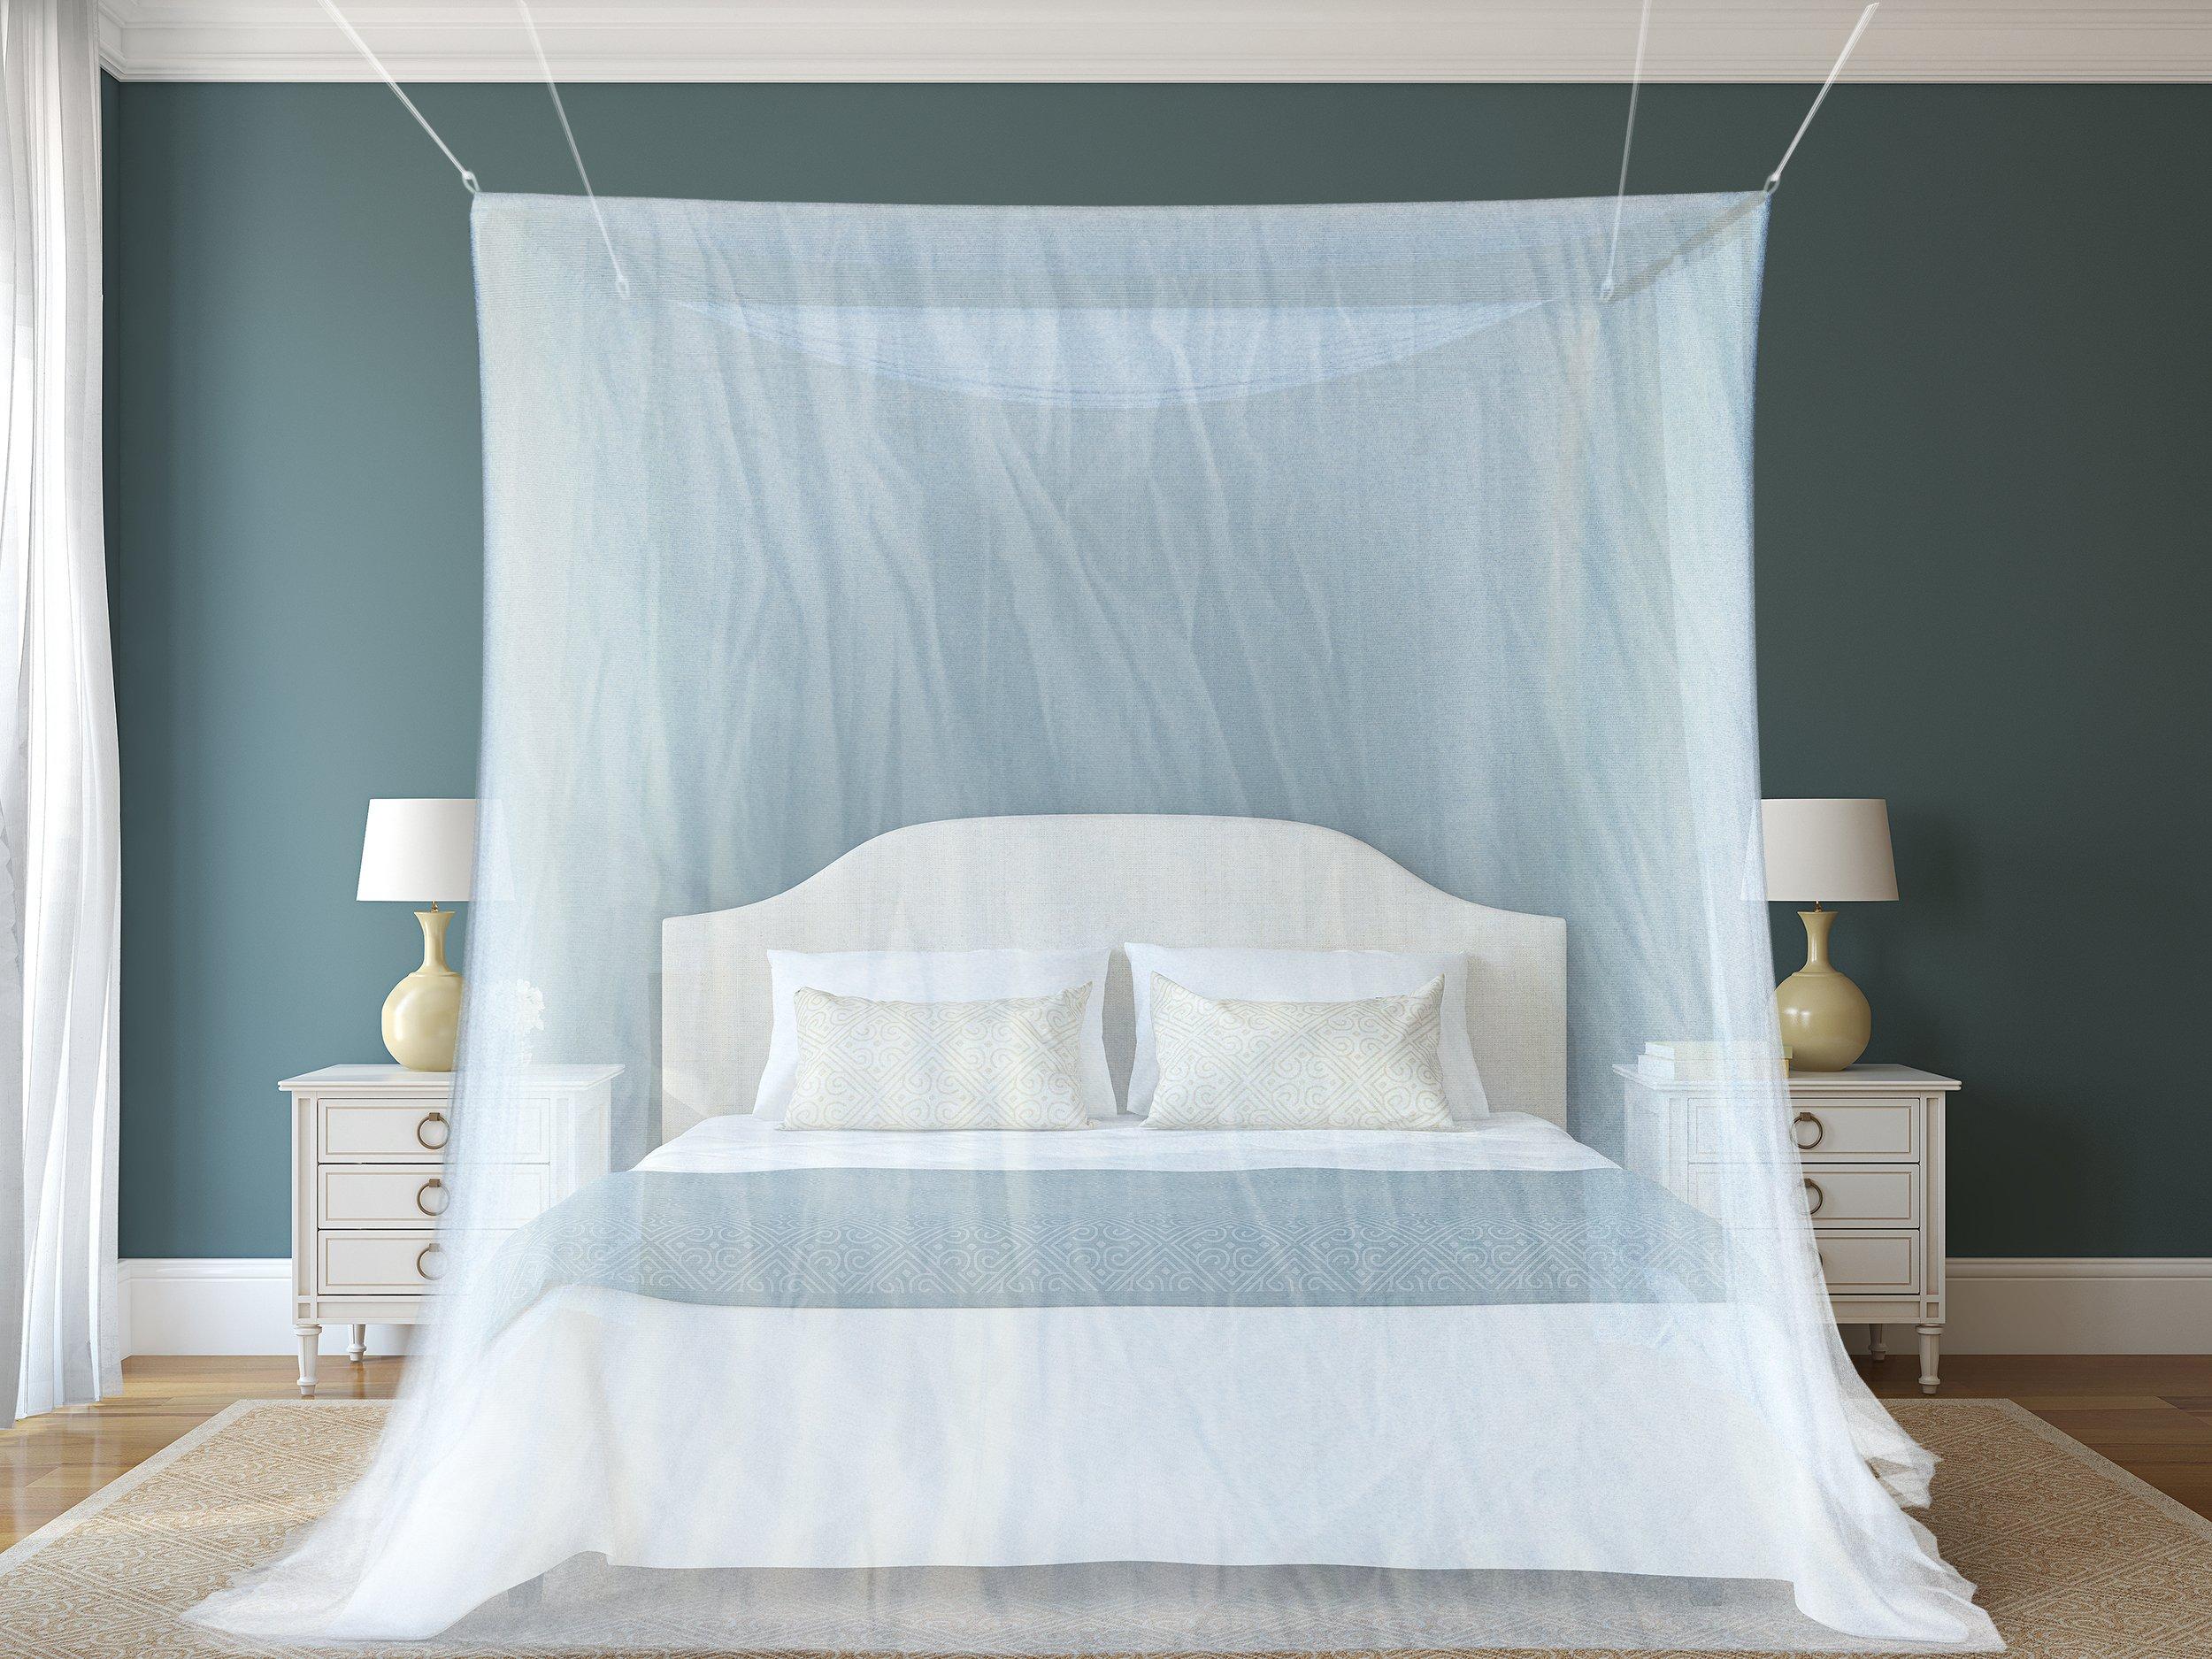 Zanzariera Da Letto : Zanzariera a tenda per letto vitutech zanzariera a baldacchino